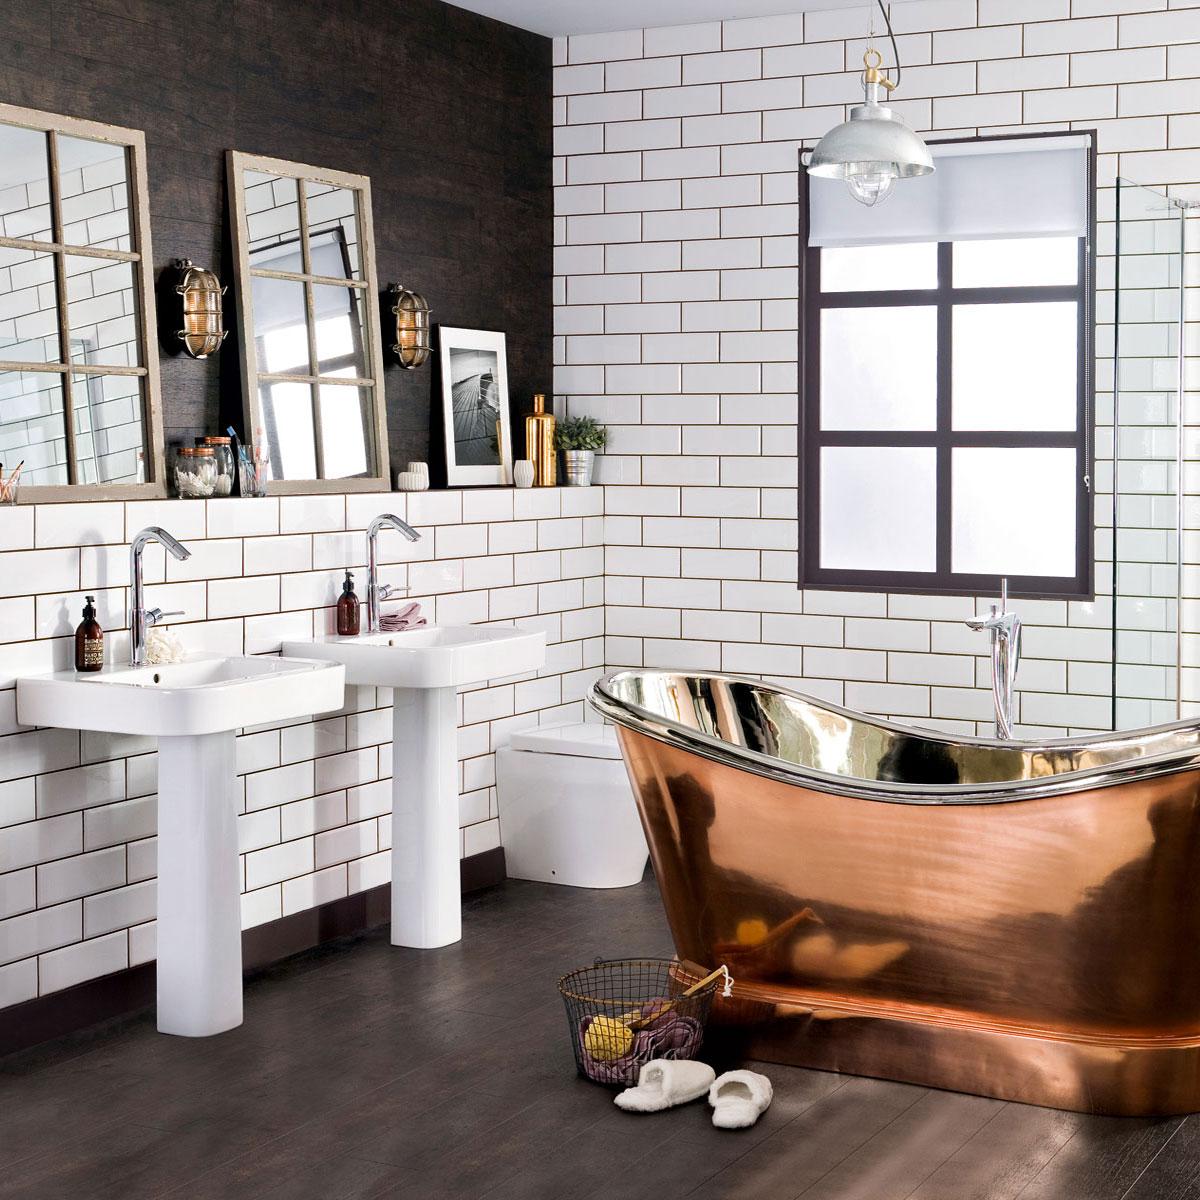 Маленькая площадь ванной